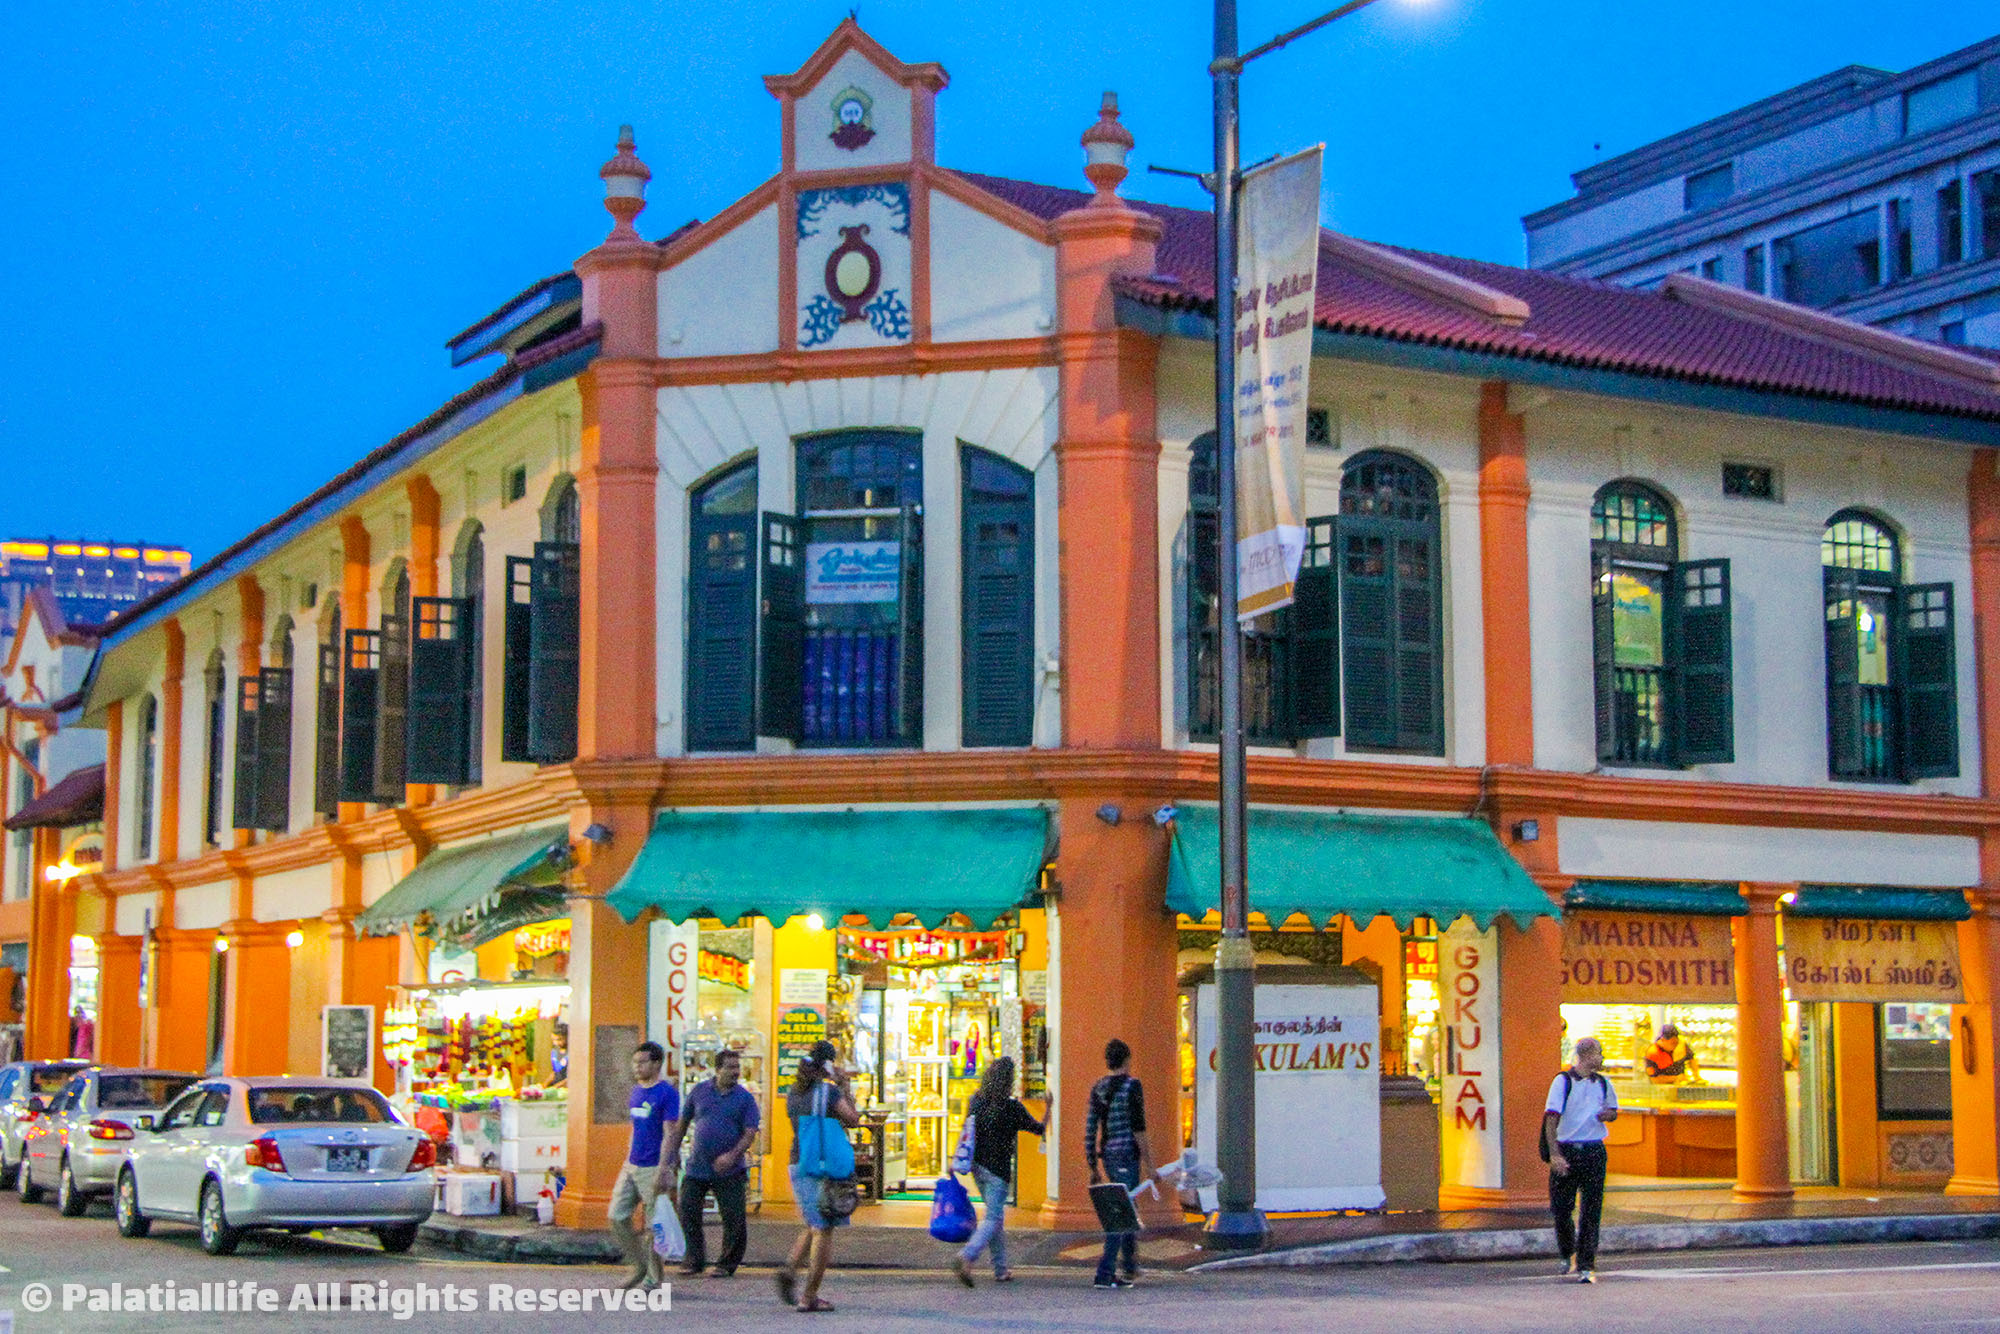 ตลาดเต็กก้าเซ็นเตอร์ ลิตเติ้ลอินเดีย Little India สิงคโปร์  สิงคโปร์ เที่ยวเตร็ดเตร่ไปตาม 5 ย่านยอดฮิตที่ไม่ควรพลาด IMG 9871